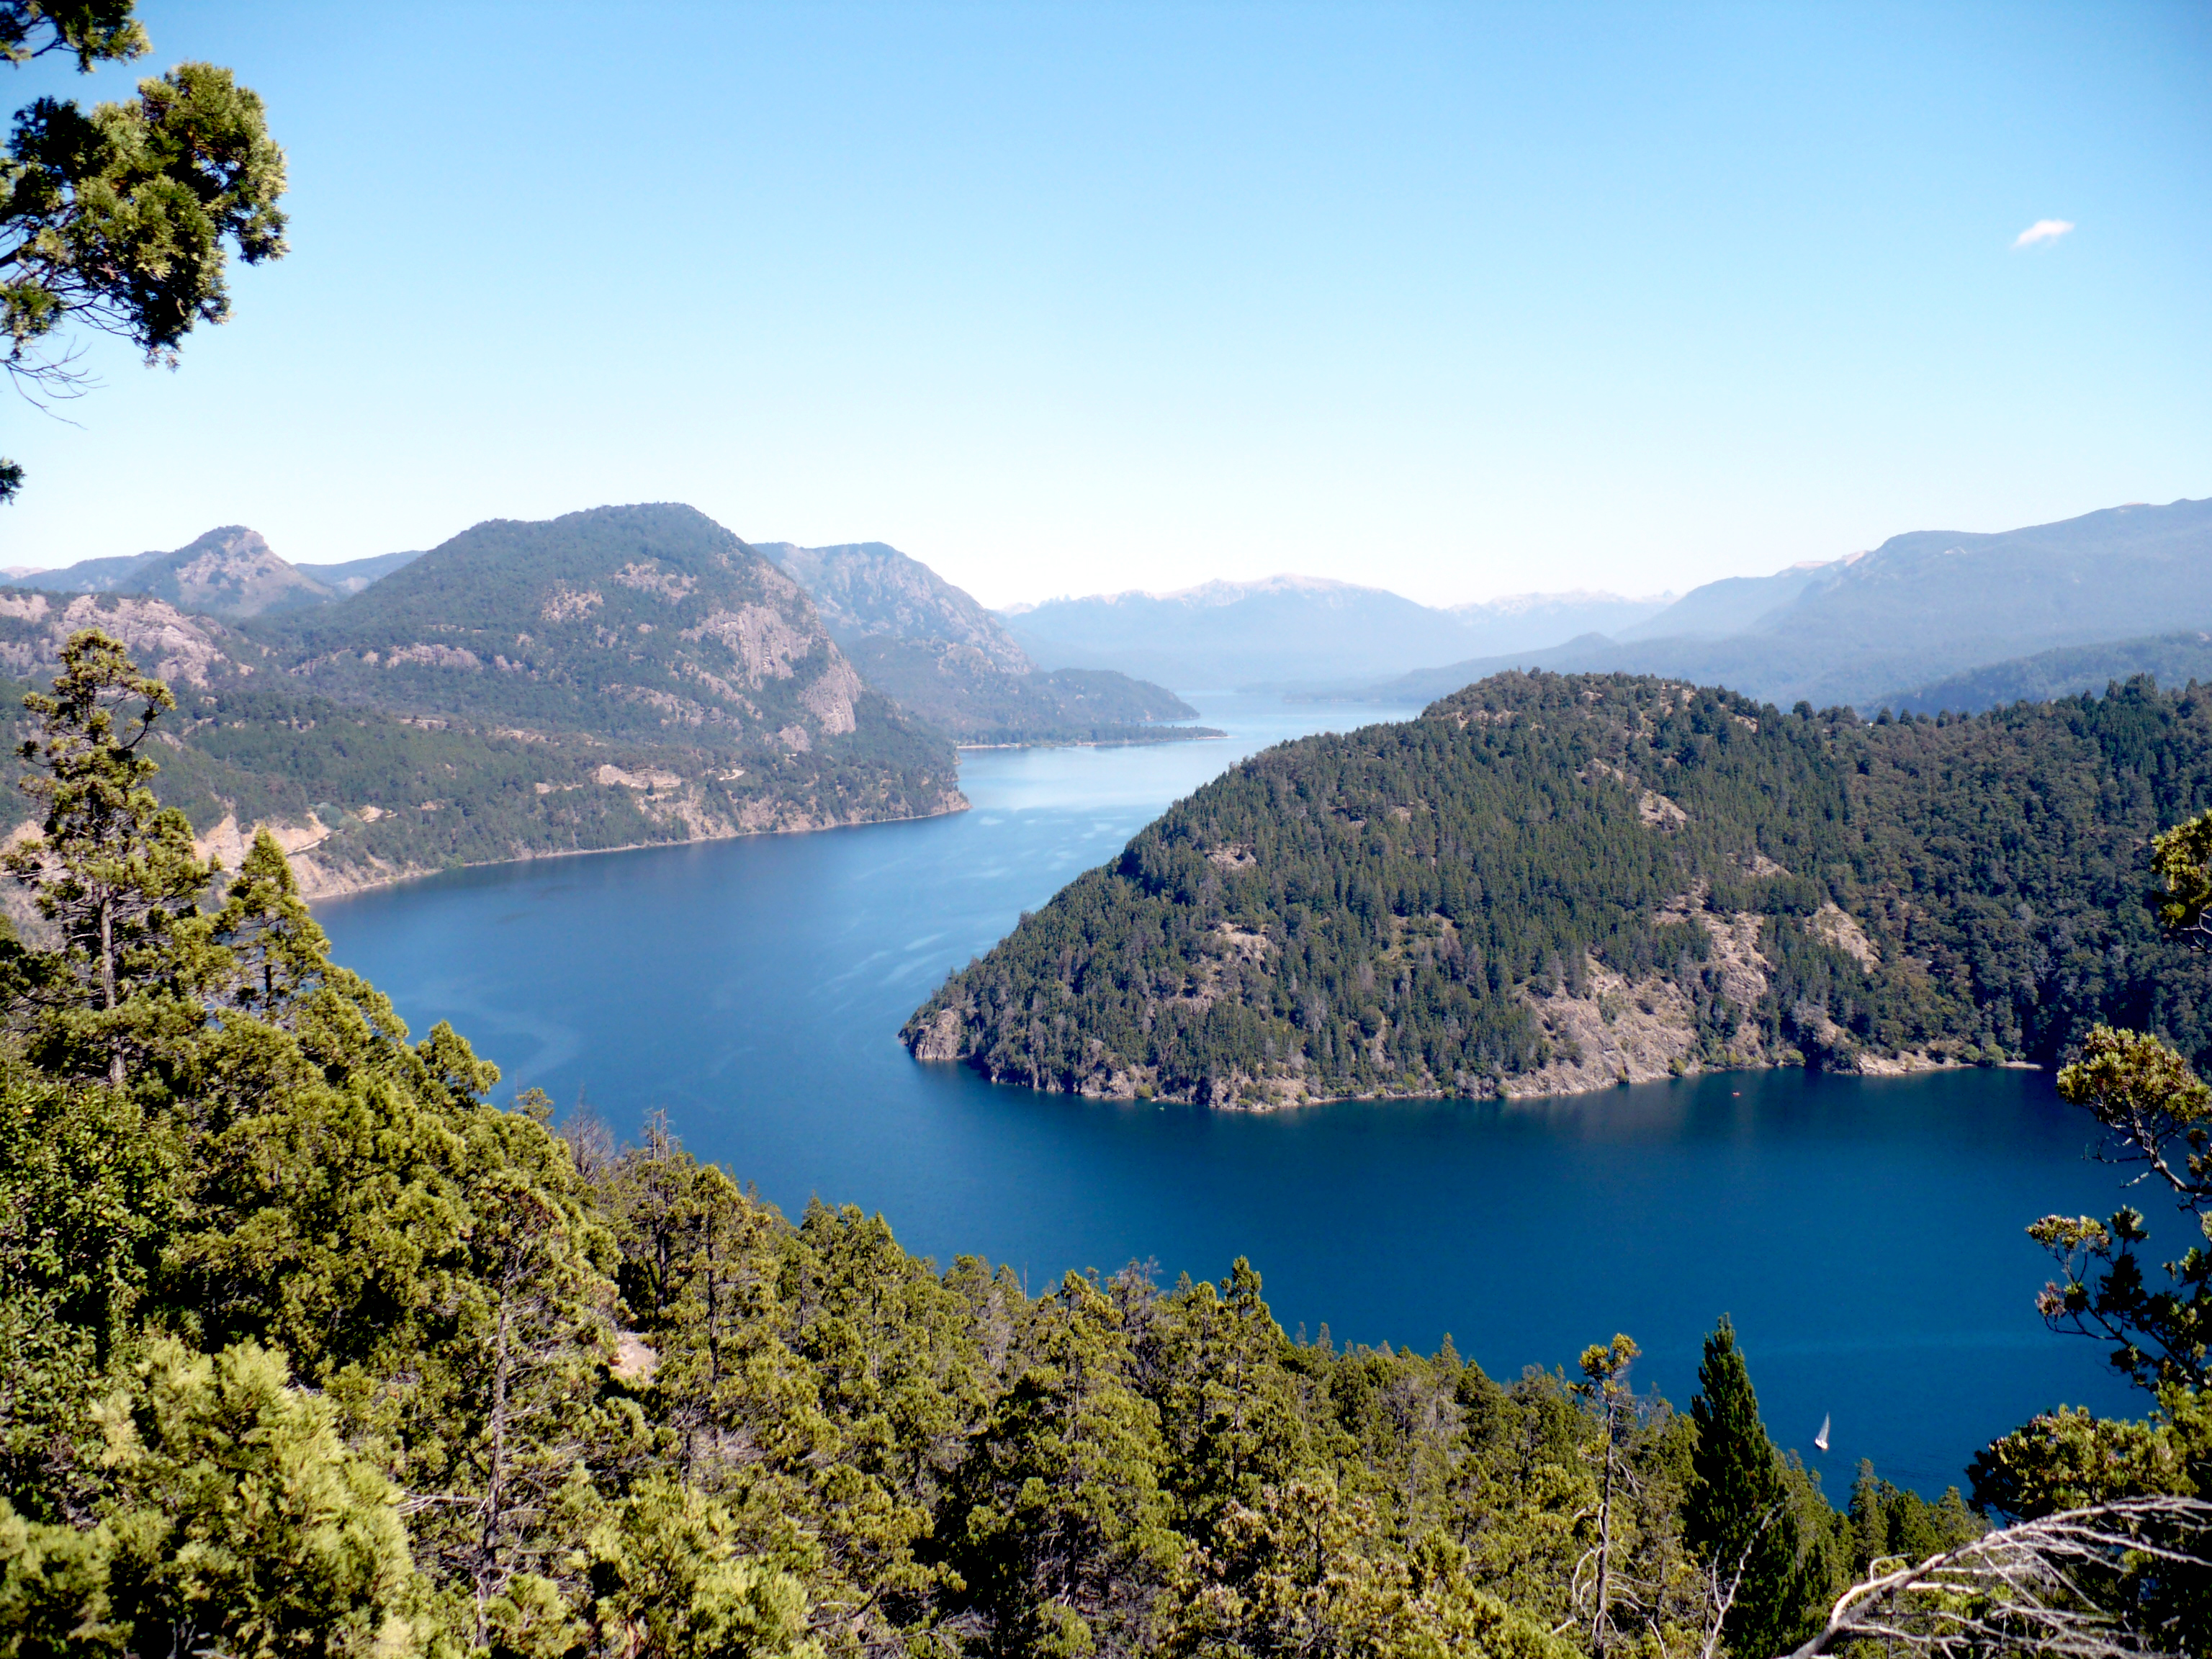 Lago Lácar - Ruta de los Siete Lagos - Argentina - Wikimedia Commons - Marco Antonio Correa Flores